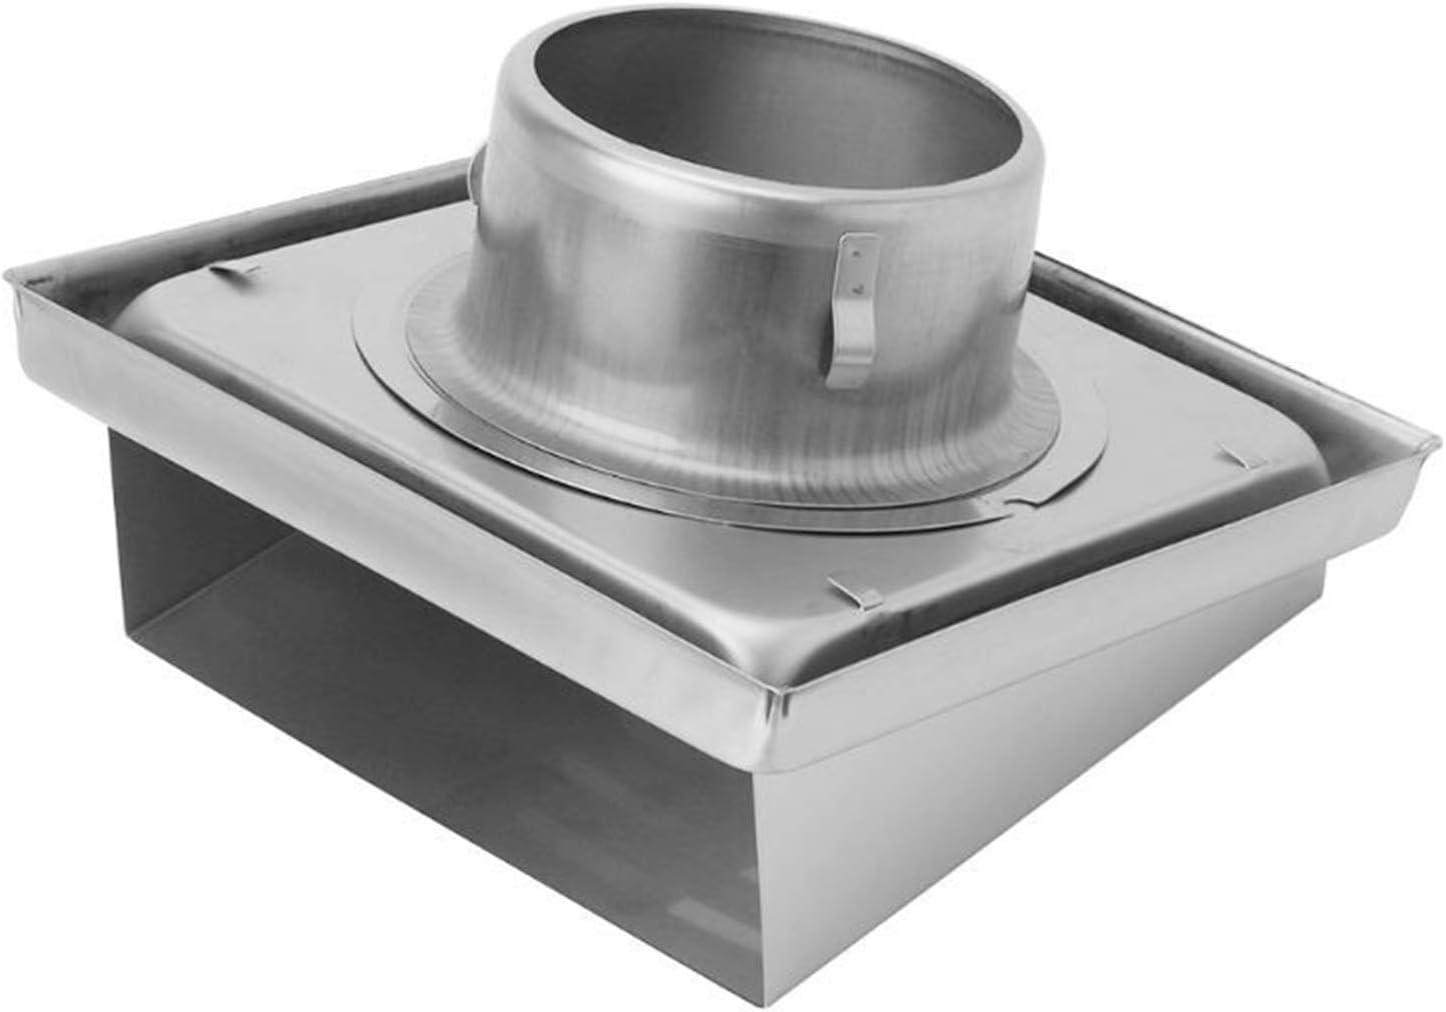 Yuhong-Vents Aire de la Pared de la Rejilla, difusor conductos de ventilación de la Cubierta, Extractor de Salida lumbreras Pared Lateral y Techo (Product Size : Dia.125mm)